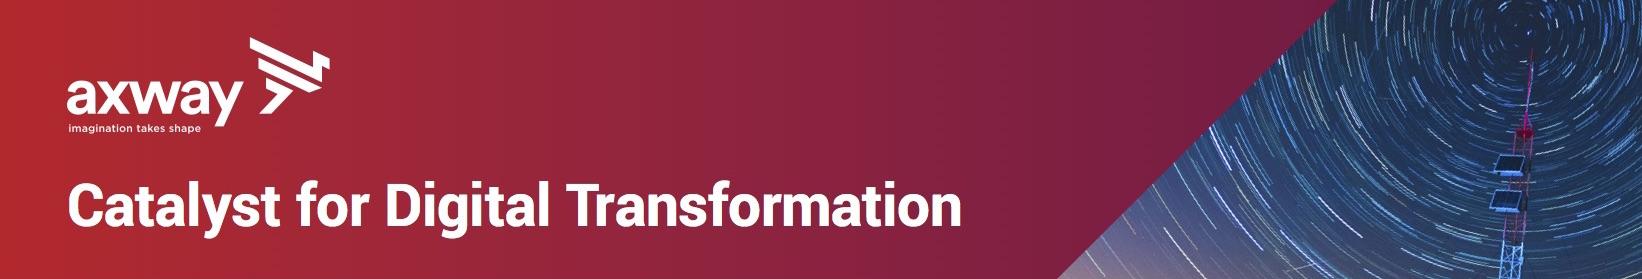 Integrazione dei dati ed engagement, le novità di Axway